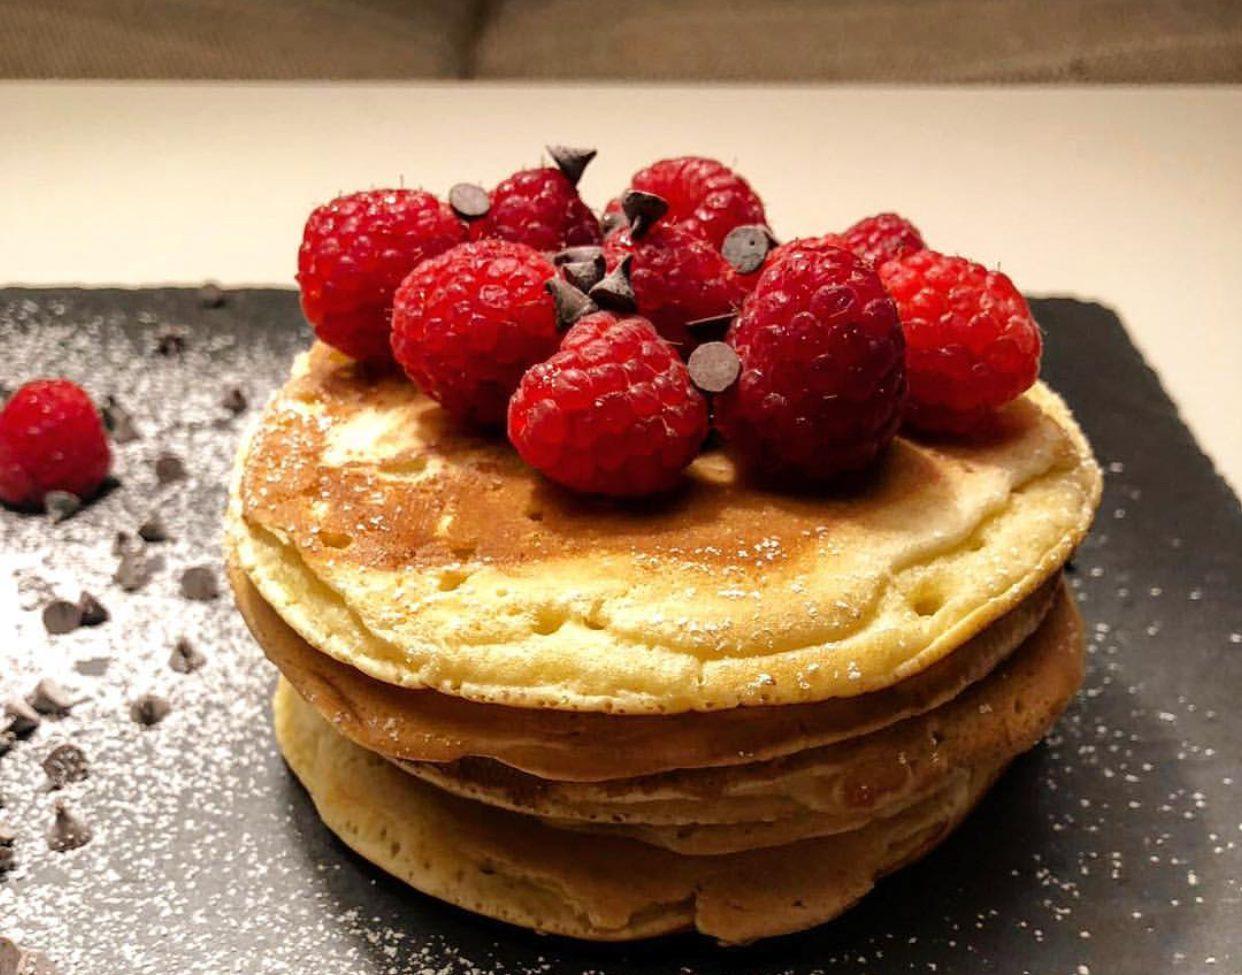 Ricetta Pancake Nella Bottiglia.Pancake La Ricetta Nella Bottiglia Colleghe Al Forno